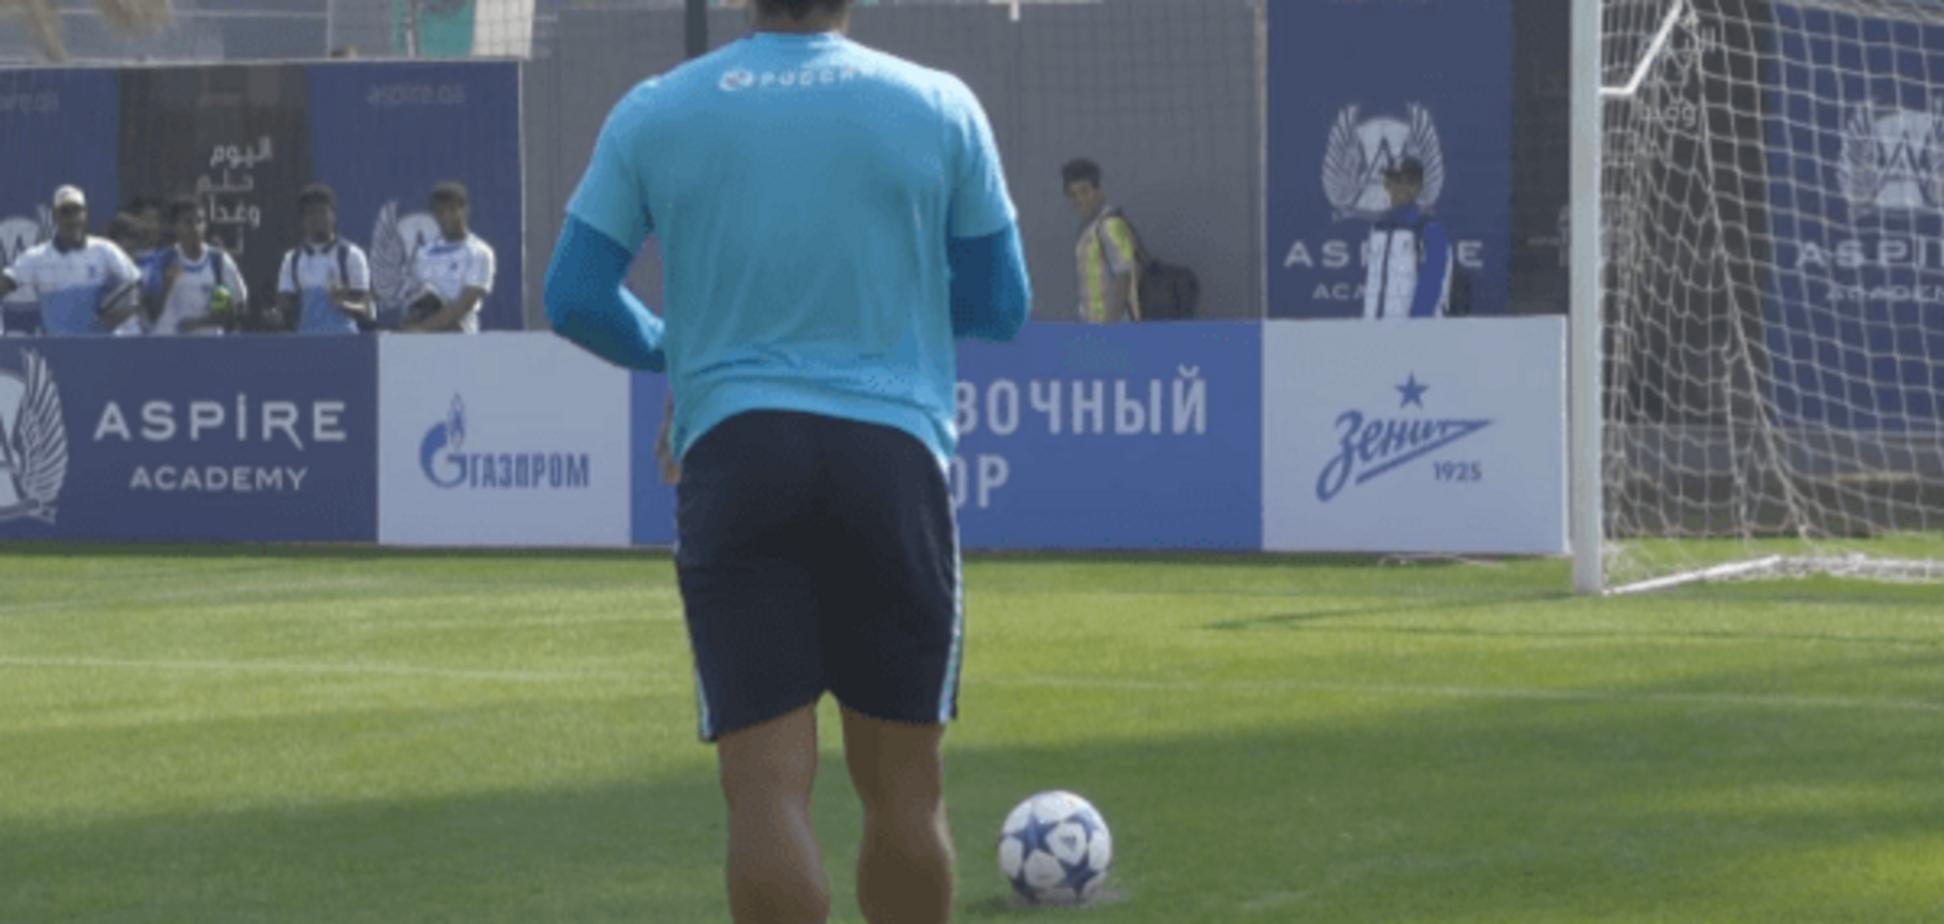 Необычный пенальти от знаменитого футболиста 'Зенита' бьет рекорды на Youtube: видео суперудара